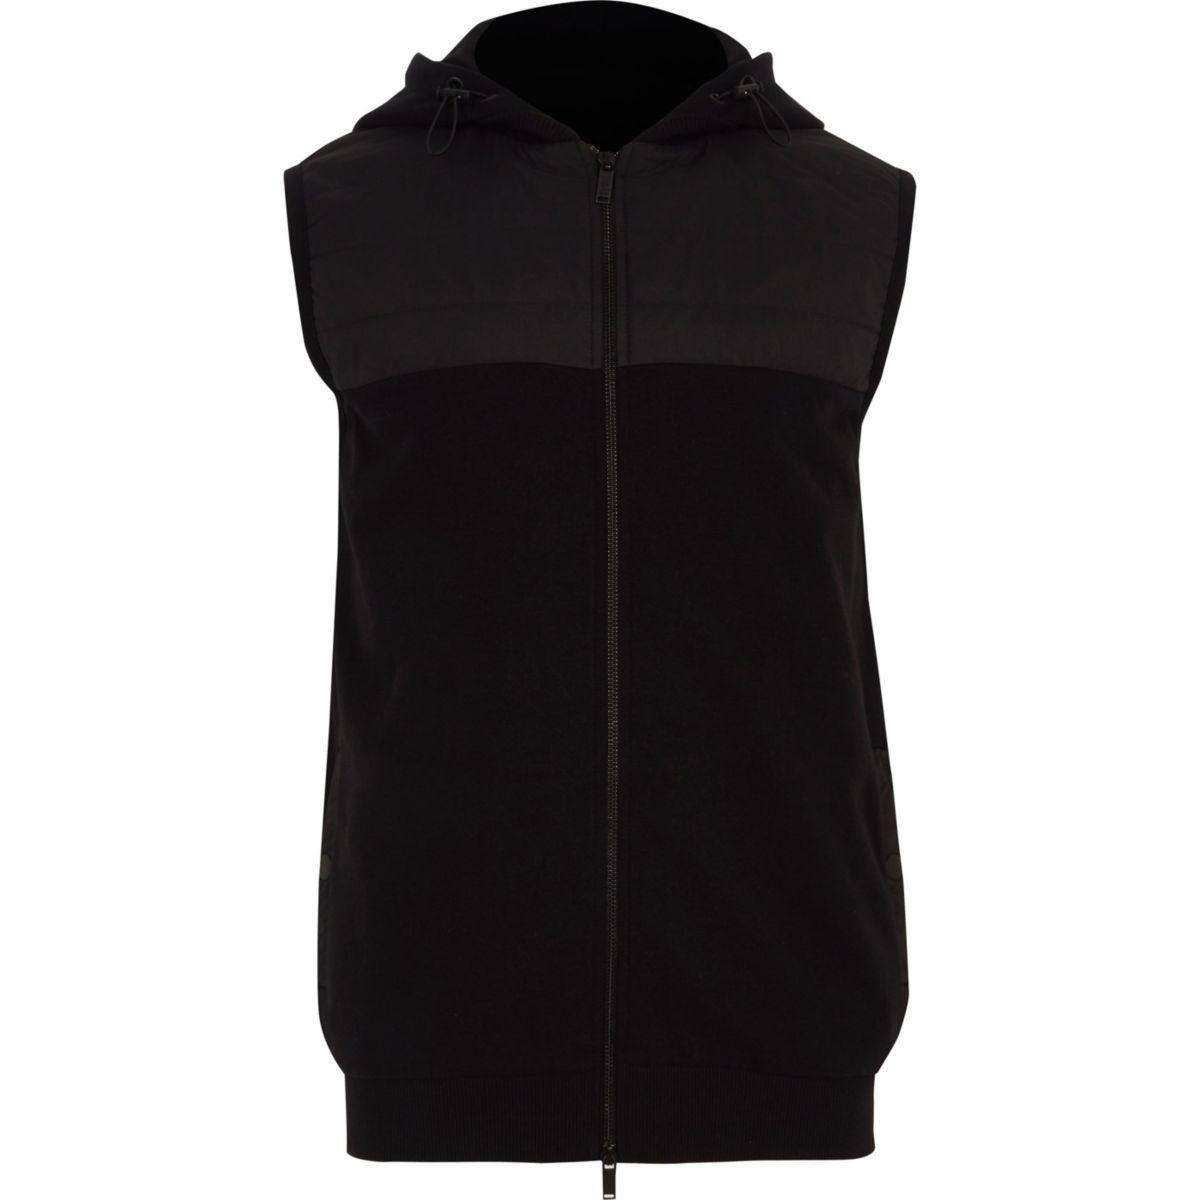 Black zip-up gilet